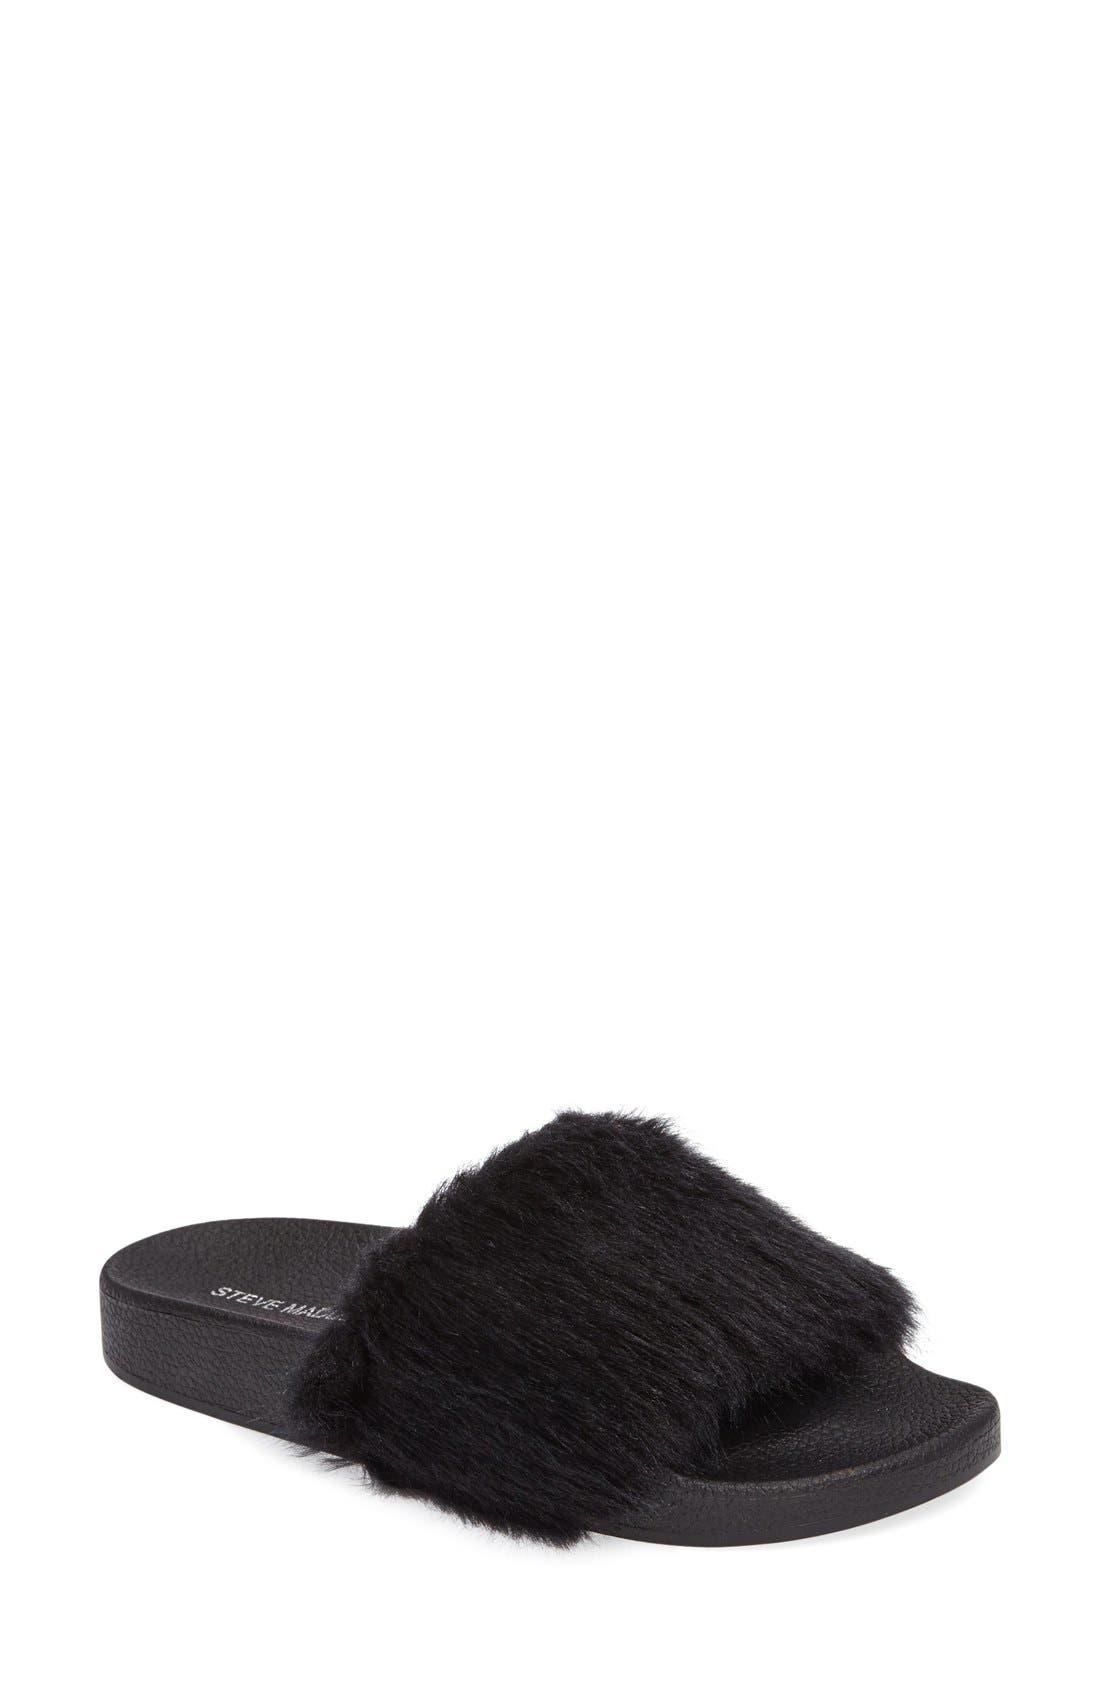 Softey Slide,                         Main,                         color, Black/ Black